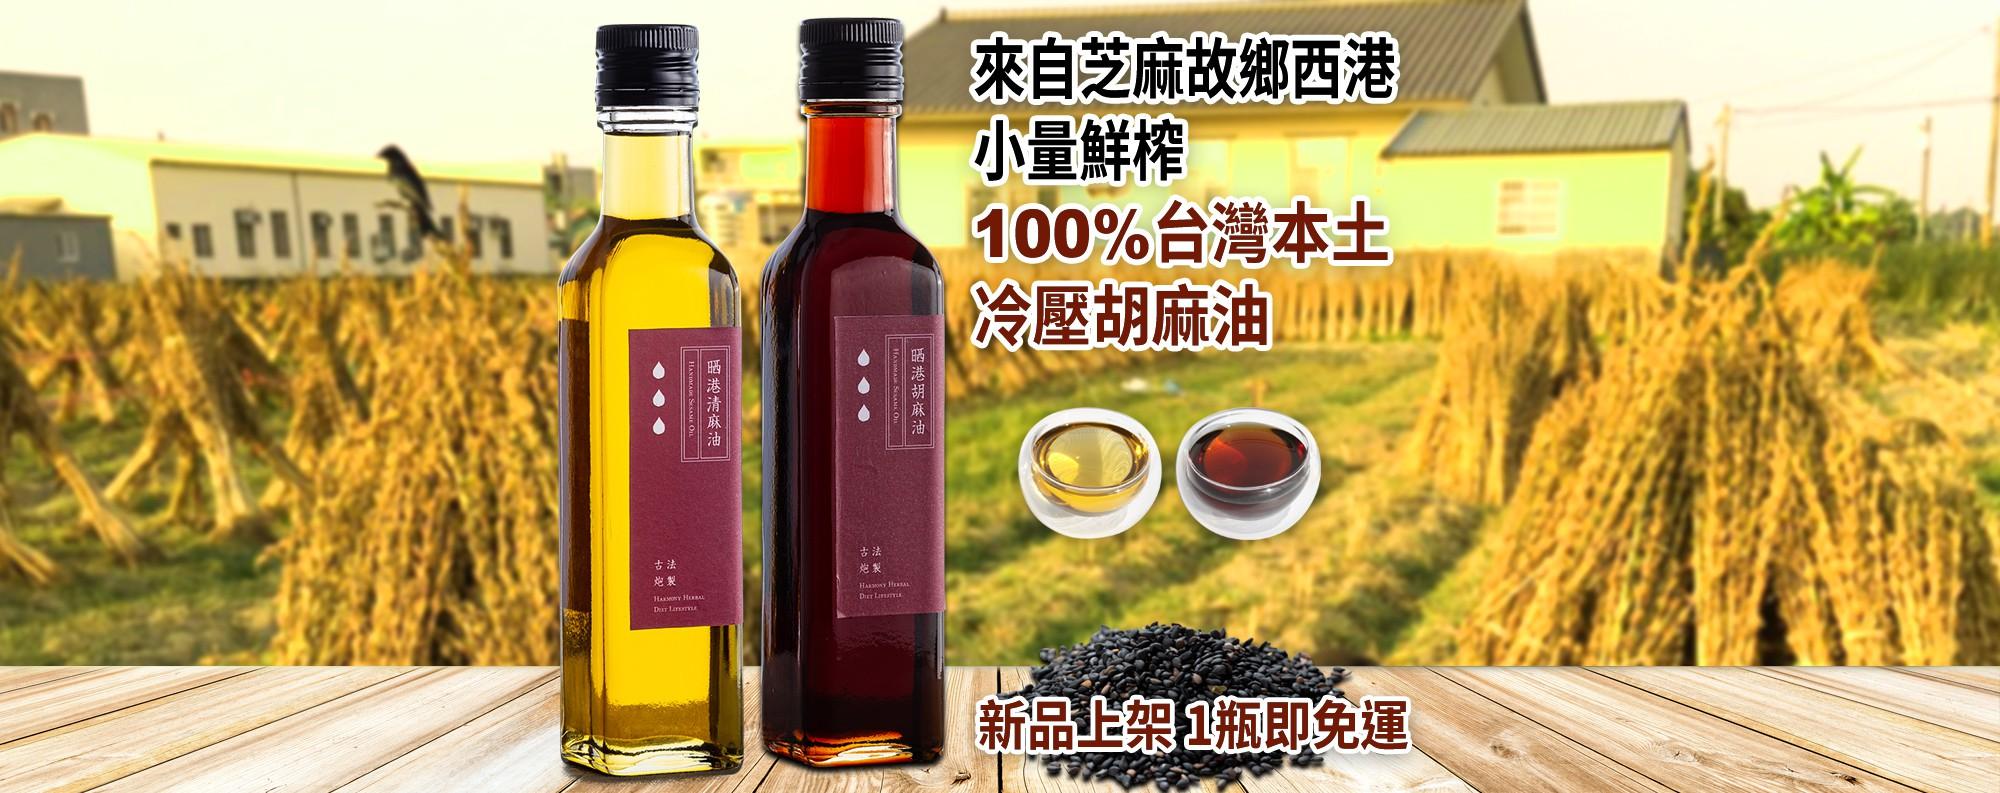 小量鮮榨 台灣本土100%冷壓胡麻油